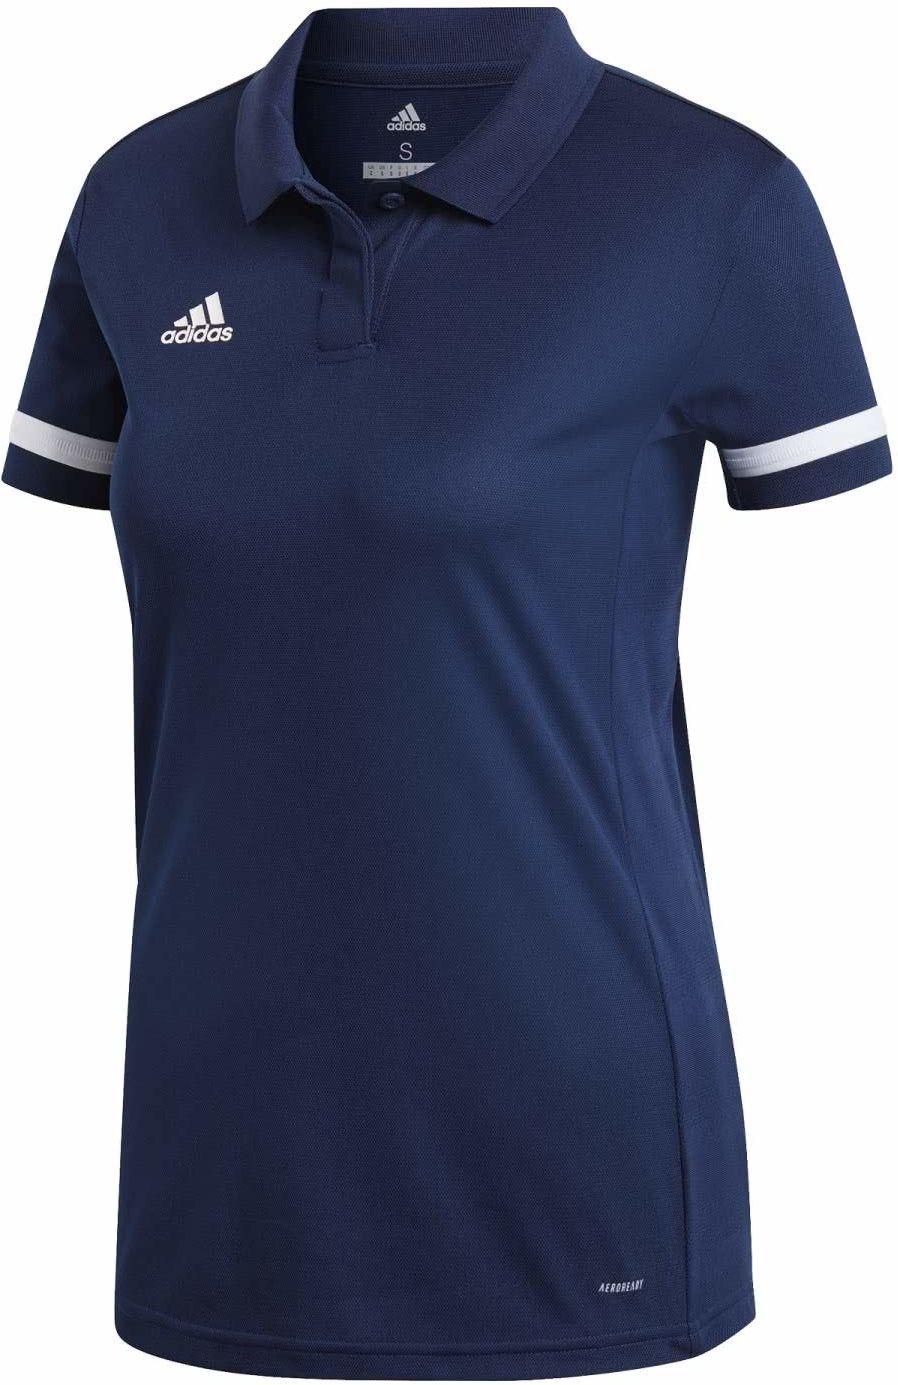 adidas damska koszulka polo T19 W, Team Navy Blue/White, XS